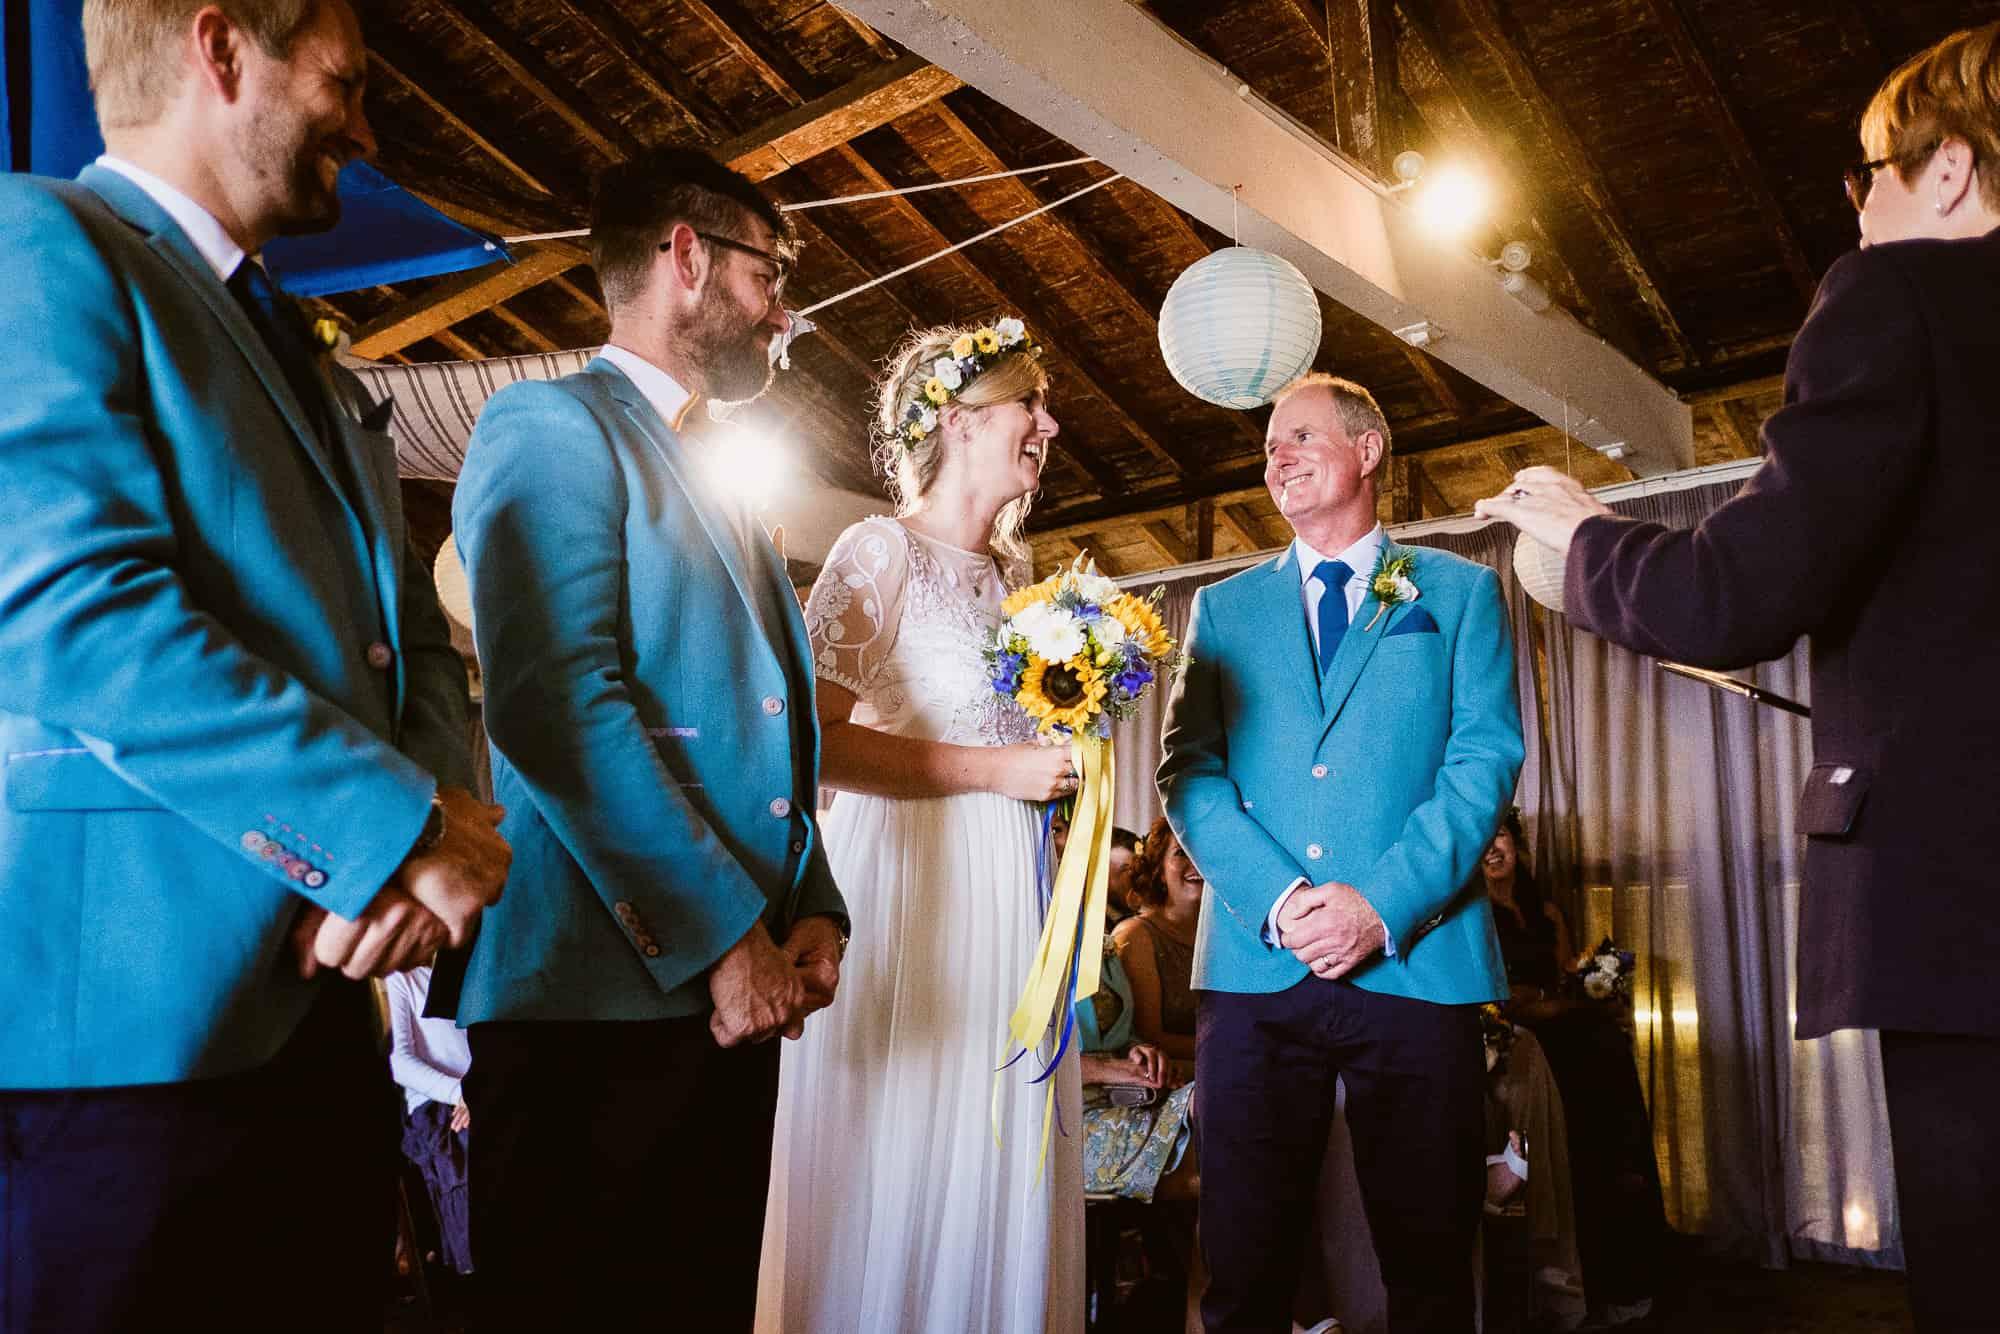 east-quay-wedding-photography-matt-tyler-0031